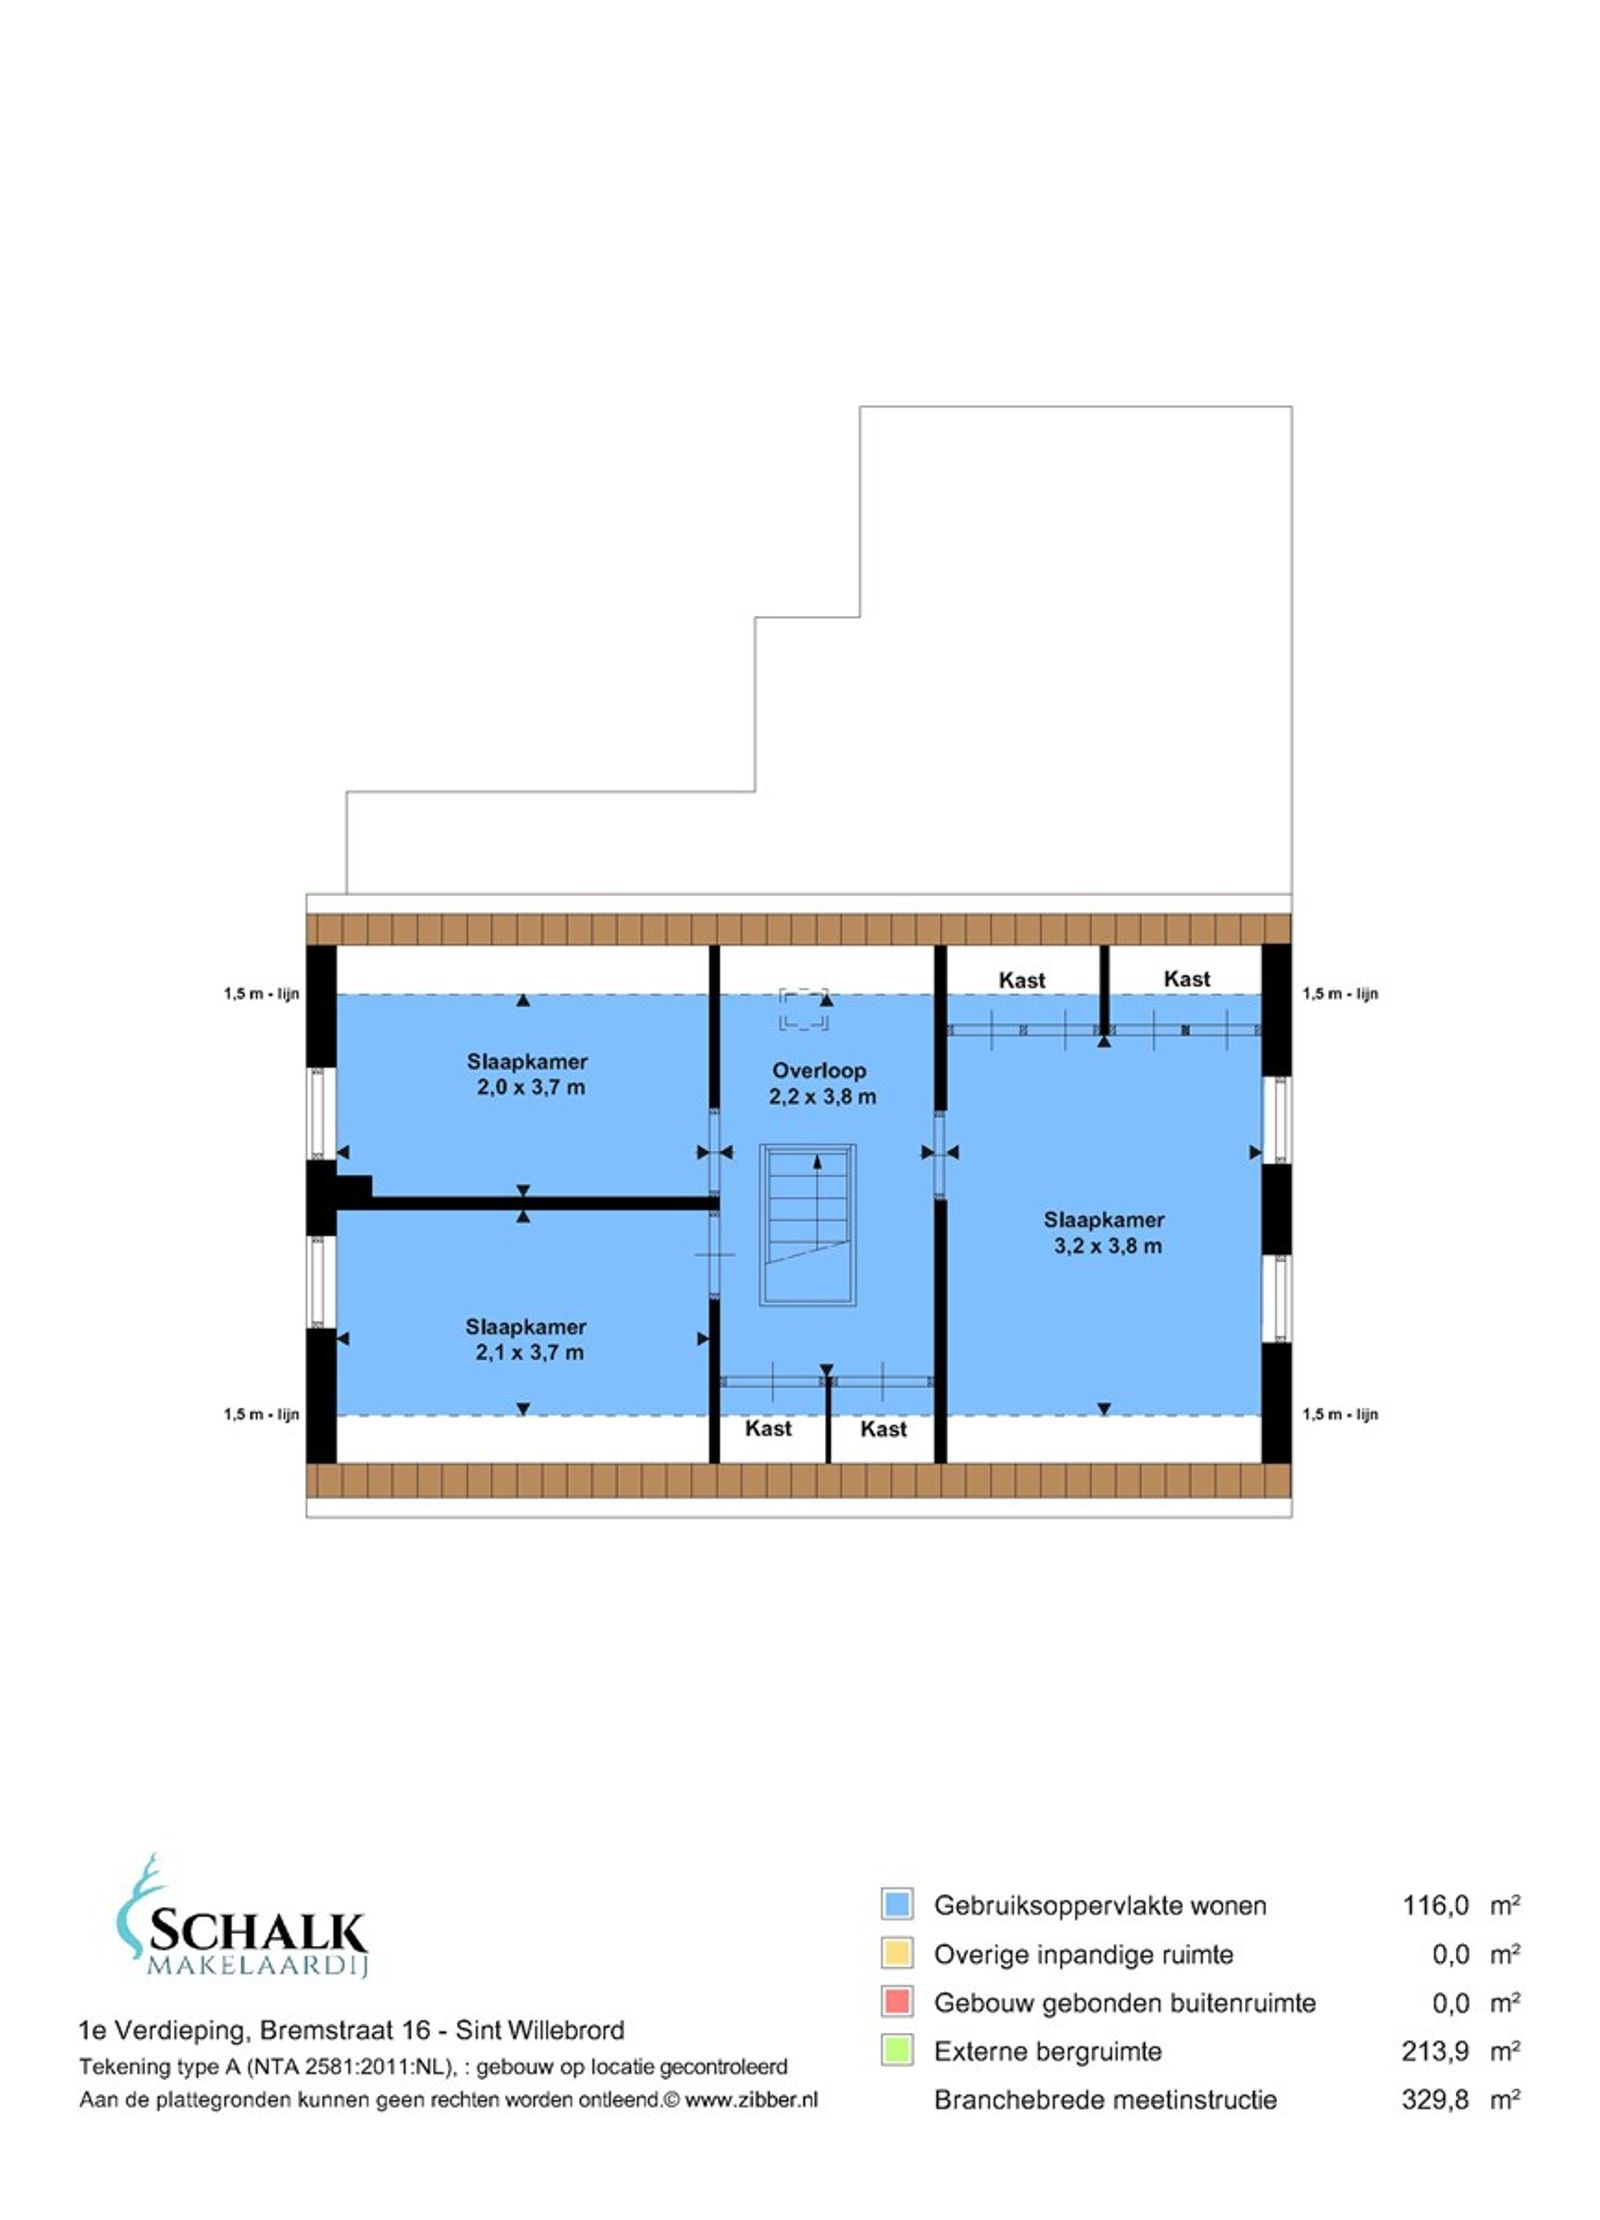 Deze vrijstaande woning met garage, vrijstaande schuur en zeer diepe achtertuin is gelegen aan een rustige straat op een perceel van 3.070 m², aan de rand van het dorpscentrum. Tevens zijn op zeer korte afstand diverse uitvalswegen bereikbaar waardoor de woning zeer goed te bereiken is.  Bent u een echte klusliefhebber en op zoek naar klus en/of hobby ruimte? Of misschien wel voornemens om hobbymatig paarden en/of kleinvee te houden? De bijgebouwen en het weiland zijn hier uitermate geschikt voor. De afwerking binnen is dermate verouderd maar geeft ruimte om alles naar eigen inzicht te gaan uitvoeren. Men dient rekening te houden met verbouwing en/of moderniseringskosten.  EERSTE VERDIEPING Overloop met toegang tot drie slaapkamers. De ruimte is voorzien van vaste kastruimte. Afwerking- vloerbedekking, deels houten lambrisering en deels behangen wanden en een houten plafond.  Slaapkamer 1- voorzien van een inbouwkast. Afwerking- vloerbedekking, behang wanden en een houten plafond.  Slaapkamer 2. Afwerking- vinylvloer, behangen wanden en een houten plafond.  Slaapkamer 3. Afwerking- vloerbedekking, behangen wanden en een houten plafond.   EXTERIEUR Vrijstaande garage en werkplaats. Opgetrokken met baksteen (spouw) en toegankelijk middels een stalen kanteldeur en een loopdeur. De ruimte is voorzien van een gaskachel, elektra en wateraansluiting. Deze ruimte kan dienst doen als opslagruimte maar is ook ideaal voor de hobby en/of klusliefhebber.  Vrijstaande schuur met oude (paarden)stallen Deze ruimte is toegankelijk middels twee openslaande deuren en voorzien van elektra.  Tuin De woning beschikt over een verzorgd aangelegde voortuin en een zeer diepe achtertuin waarbij het  hobbymatig houden van paarden en/of kleinvee zeker tot de mogelijkheden behoort.   KADASTRALE GEGEVENS Gemeente- Rucphen Sectie- M Nummer- 166 Groot - 30 aren en 70 centiaren   OVERIGE INFORMATIE Type woning-Vrijstaande woning. Bijgebouwen-Vrijstaande garage/werkplaats en schuur.  Bouwjaar- circa.